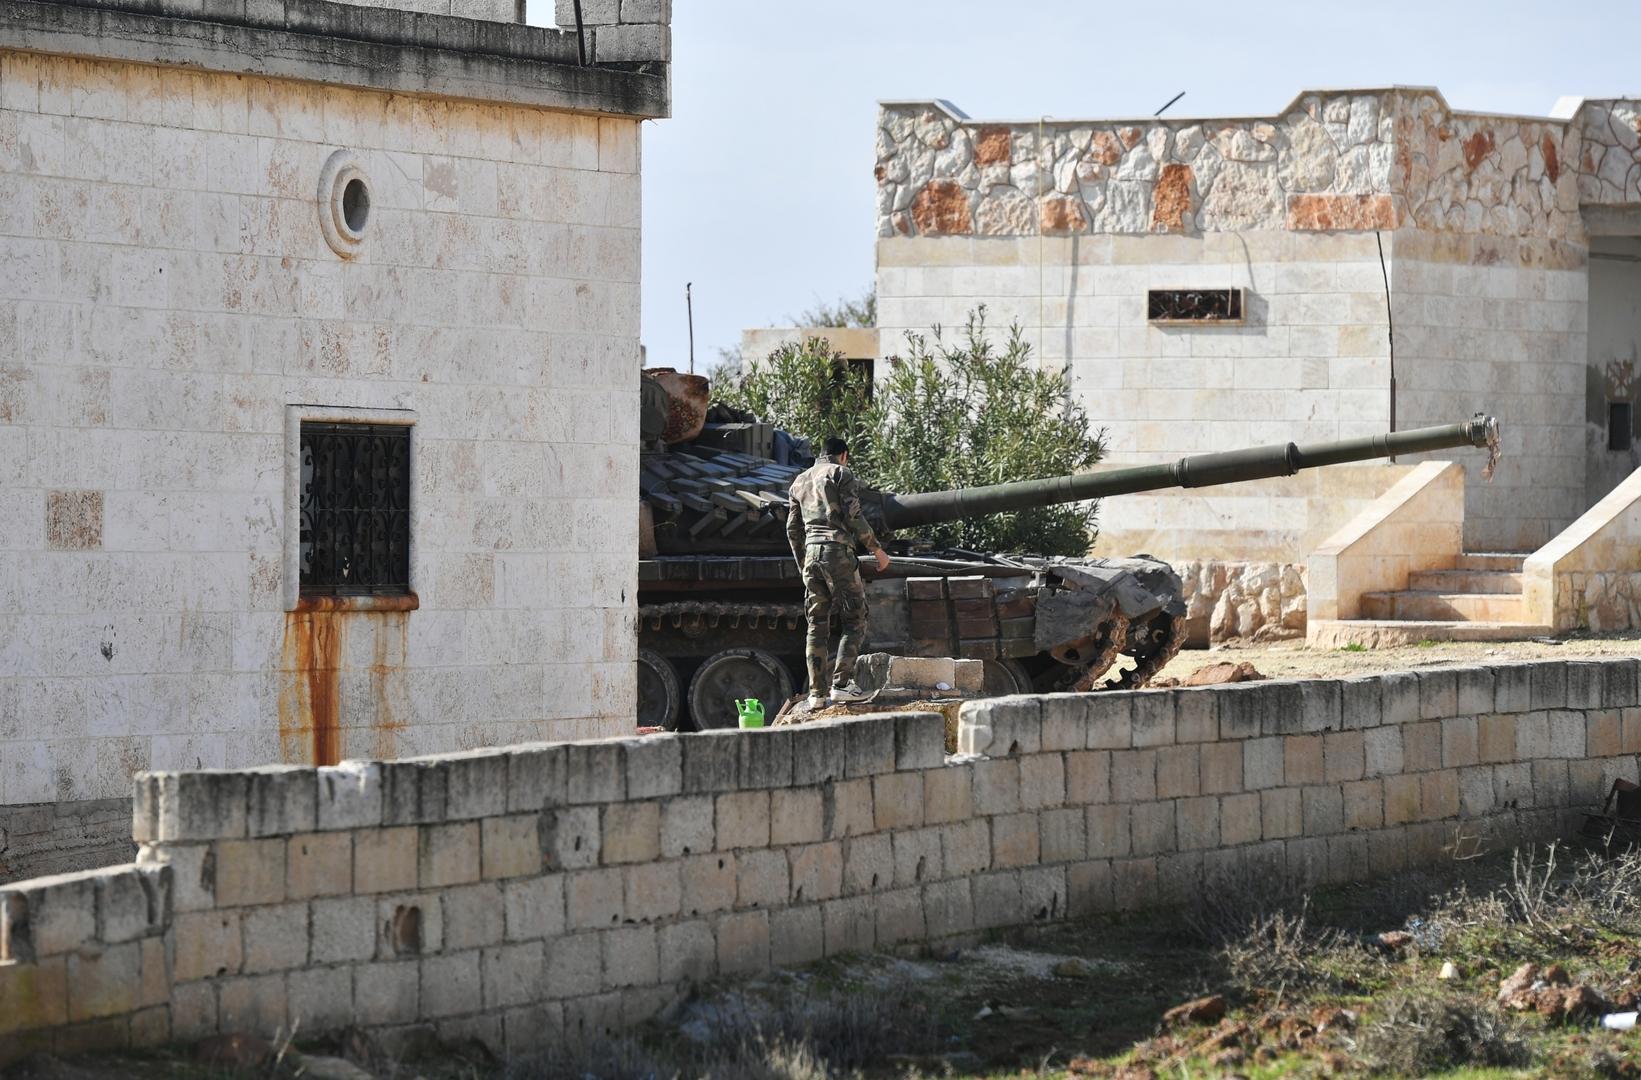 مركز المصالحة الروسي: الجيش السوري يصدهجوم مئات المسلحين قرب بلدة جرجناز بريف إدلب